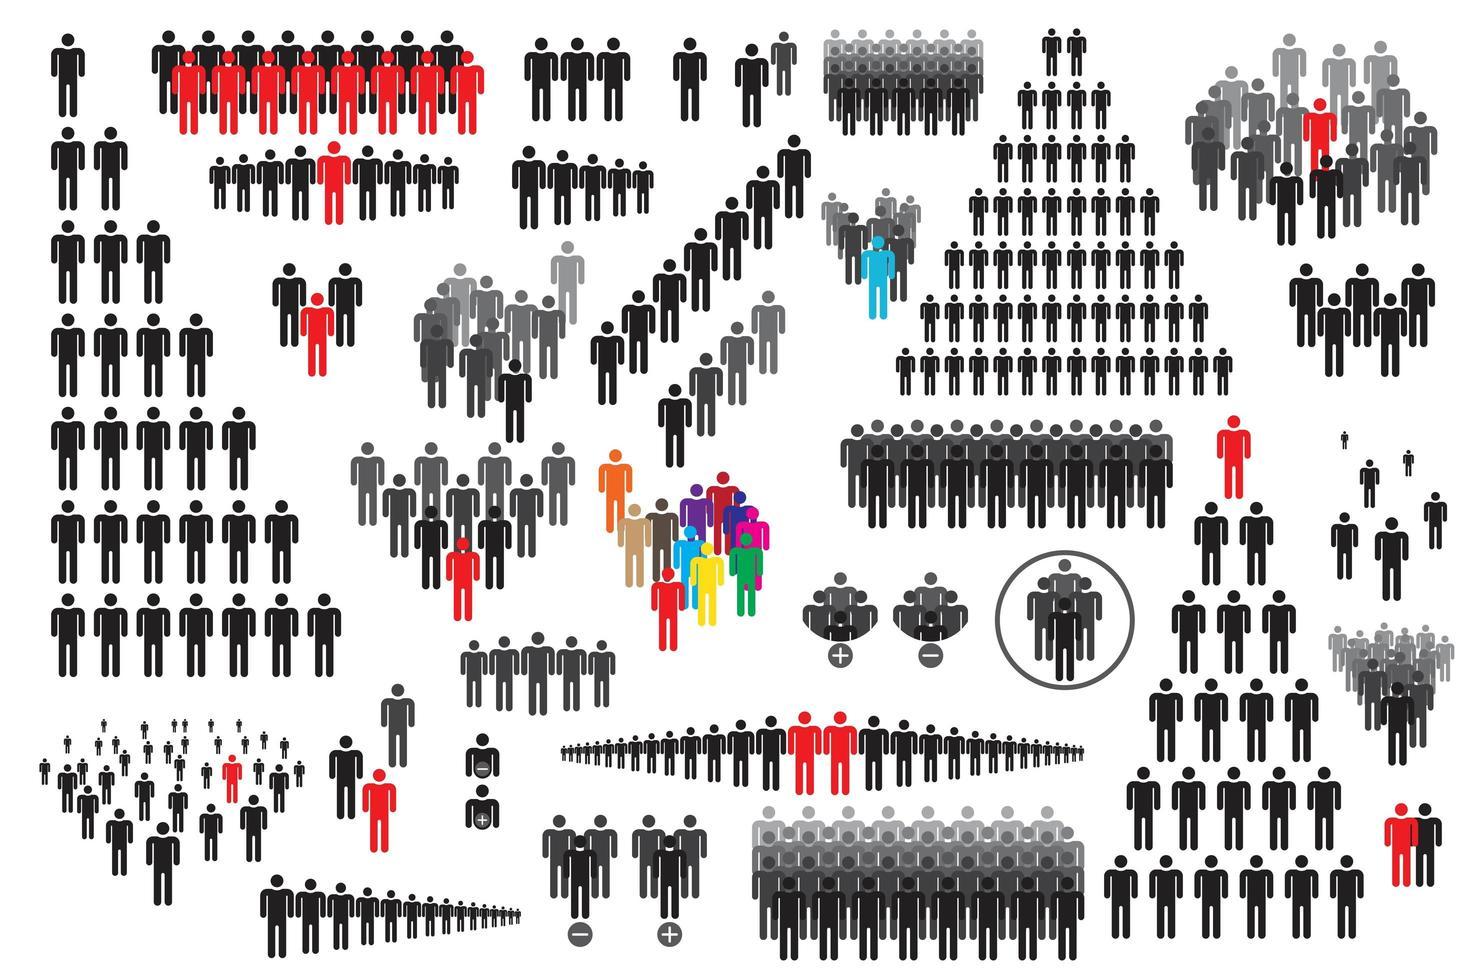 människor Ikonuppsättning vektor